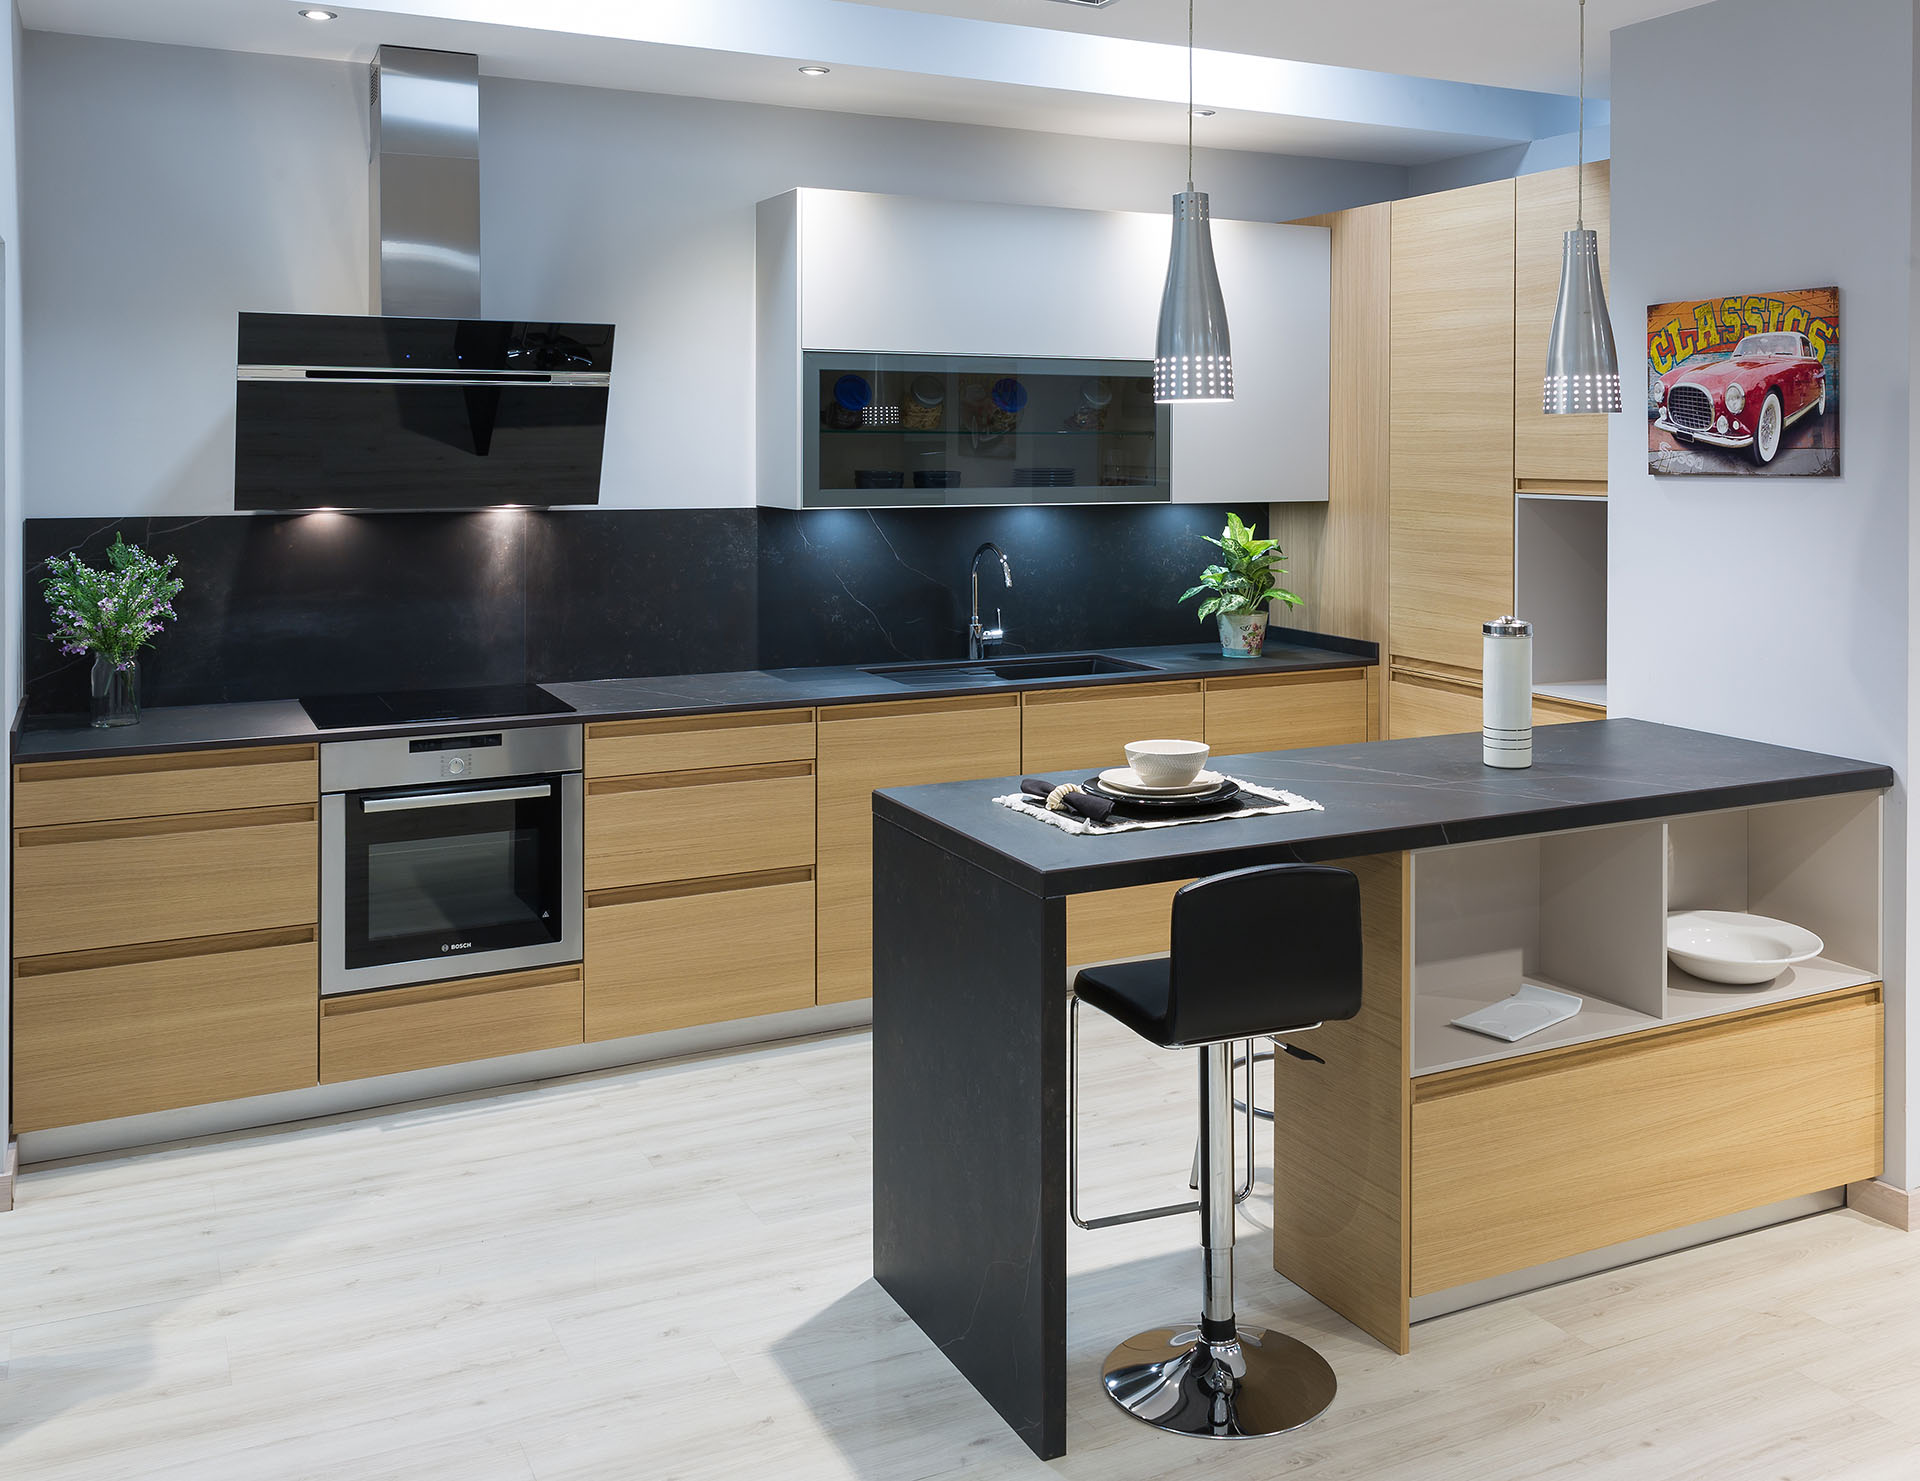 La madera el referente de una cocina con estilo cocinas rio for Modelos de cocinas modernas americanas